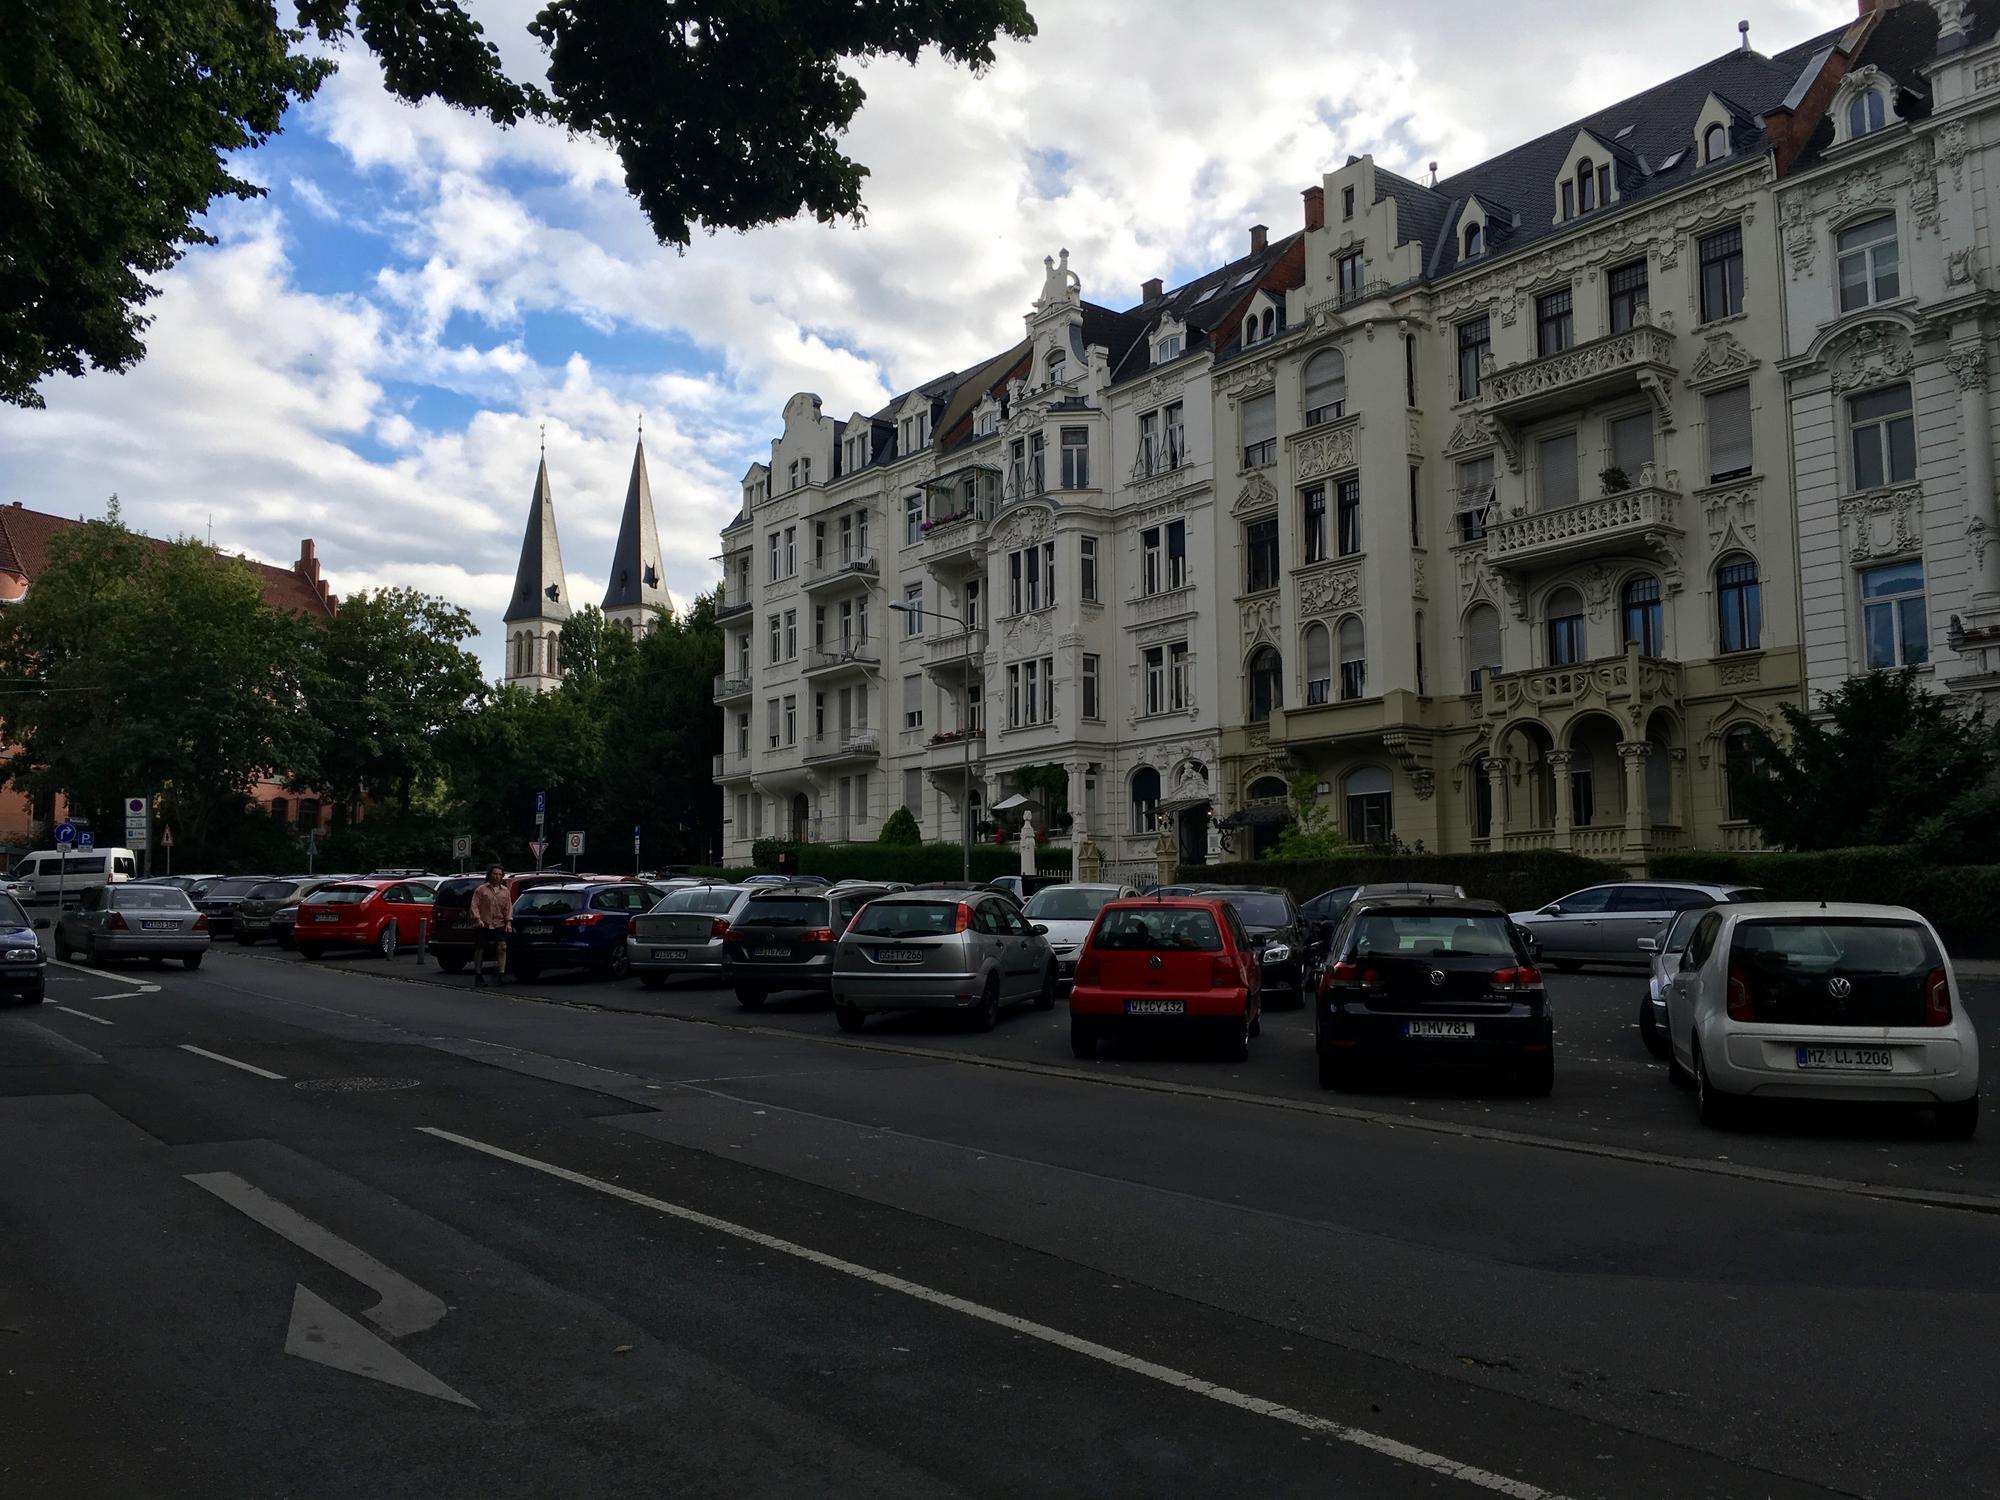 🇩🇪 Висбаден, Германия, июль 2016.